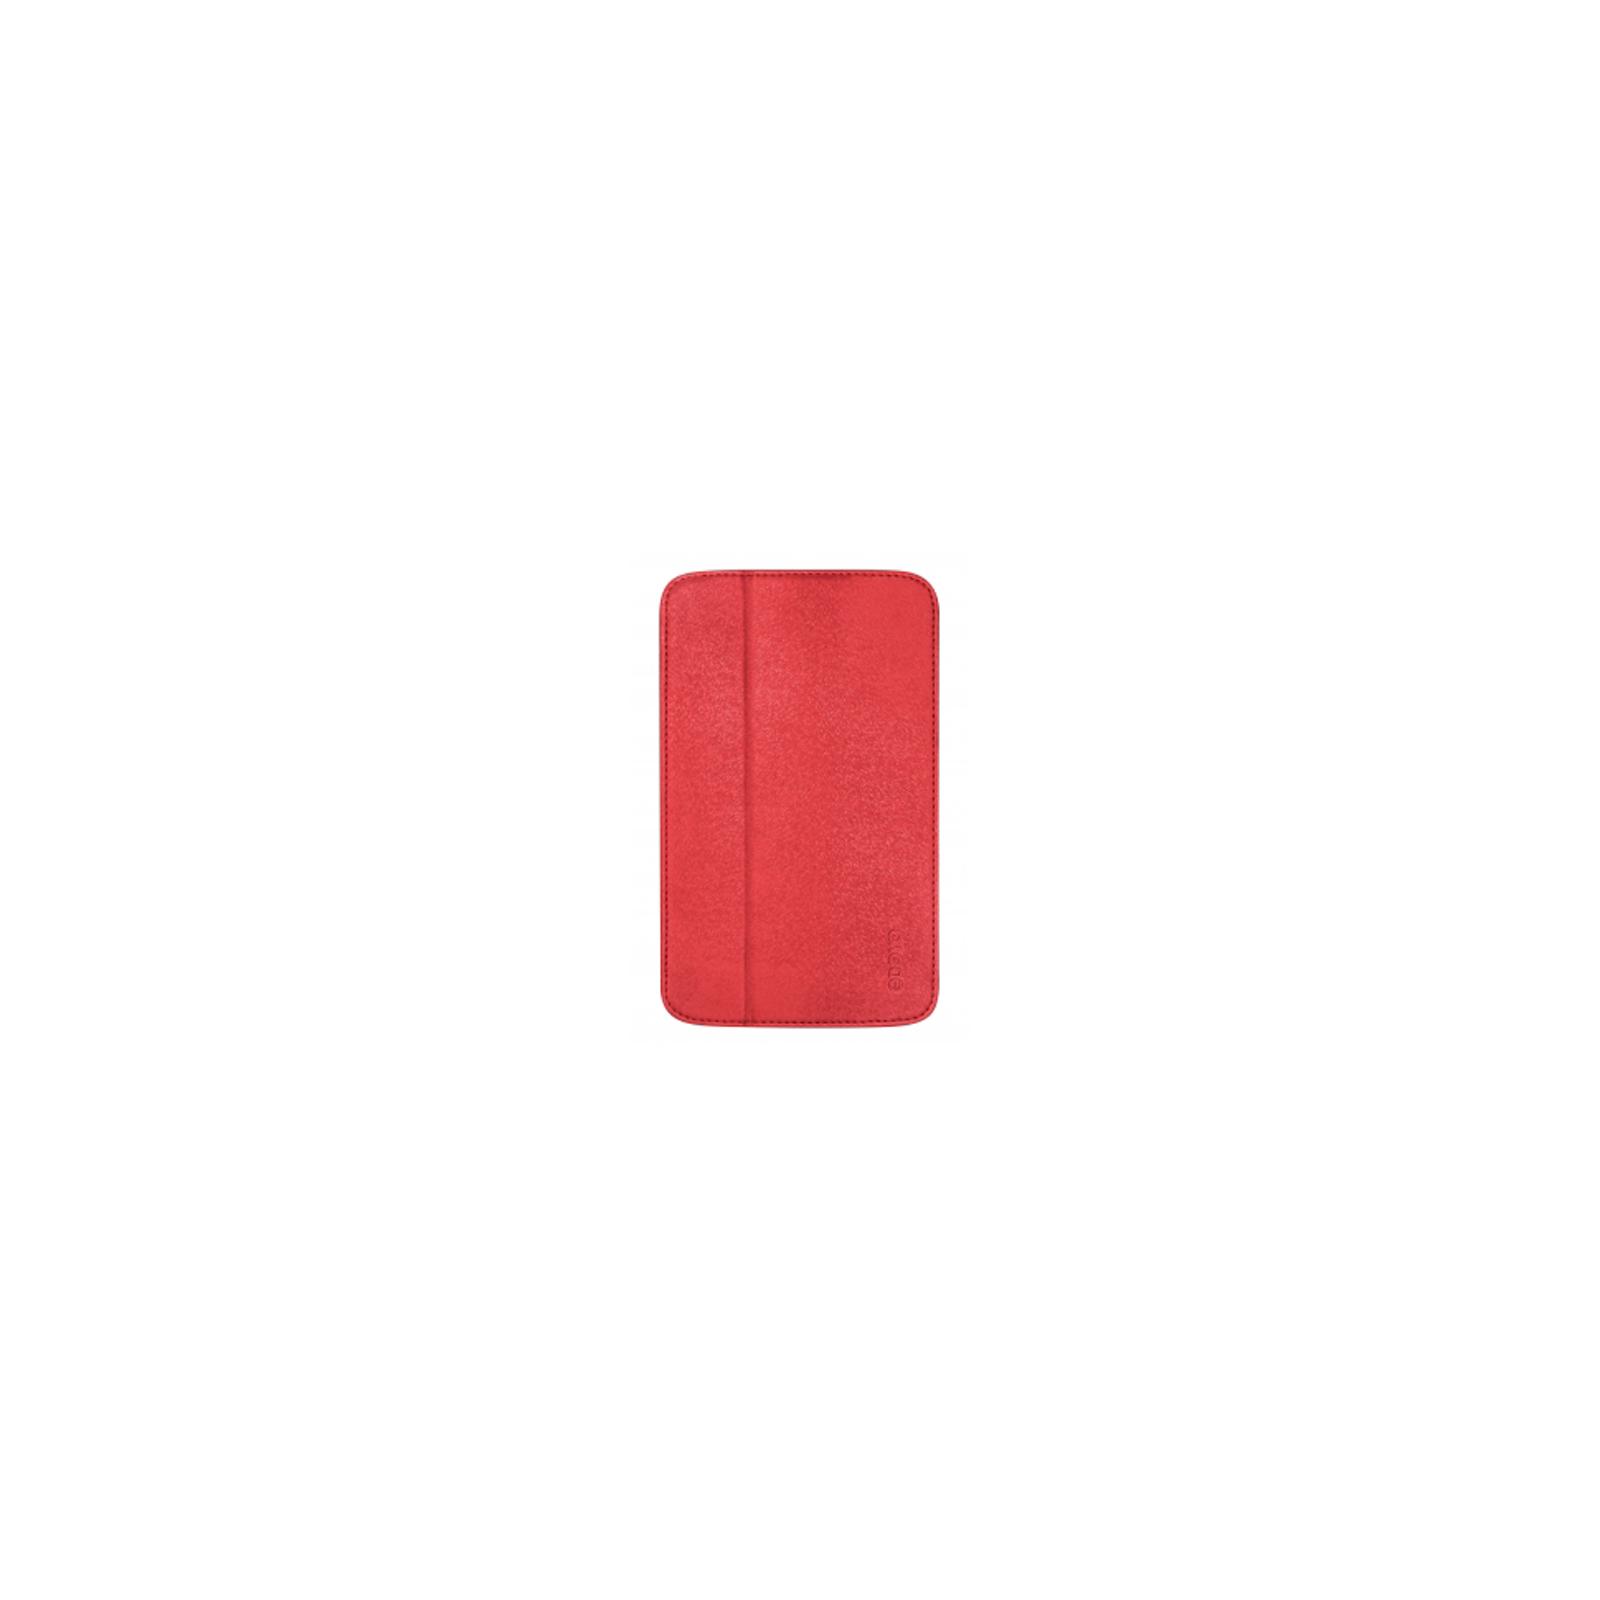 Чехол для планшета ODOYO Galaxy TabTAB3 7.0 /GLITZ COAT FOLIO BLAZING RED (PH621RD)